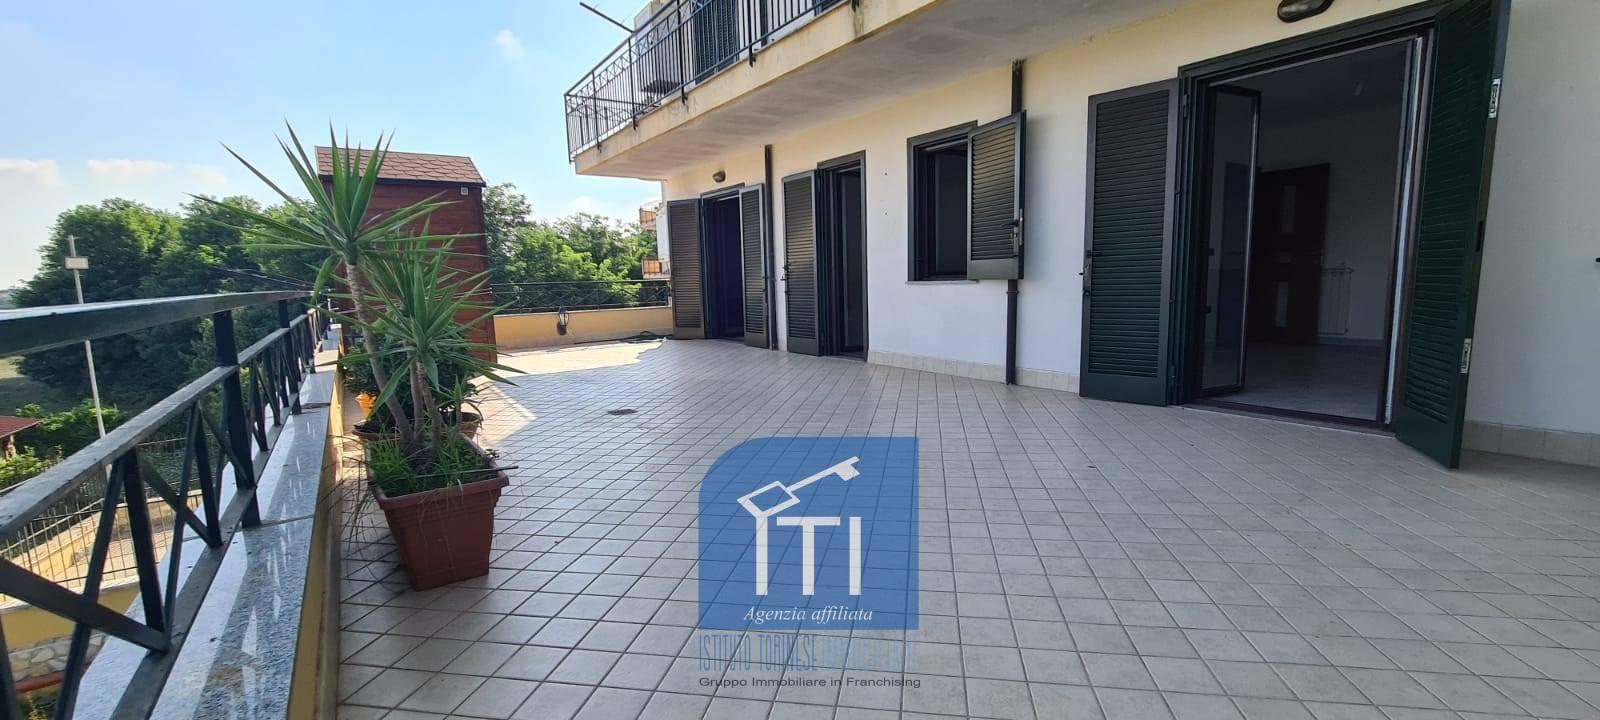 Appartamento in vendita a Villaricca, 3 locali, prezzo € 173.000 | CambioCasa.it